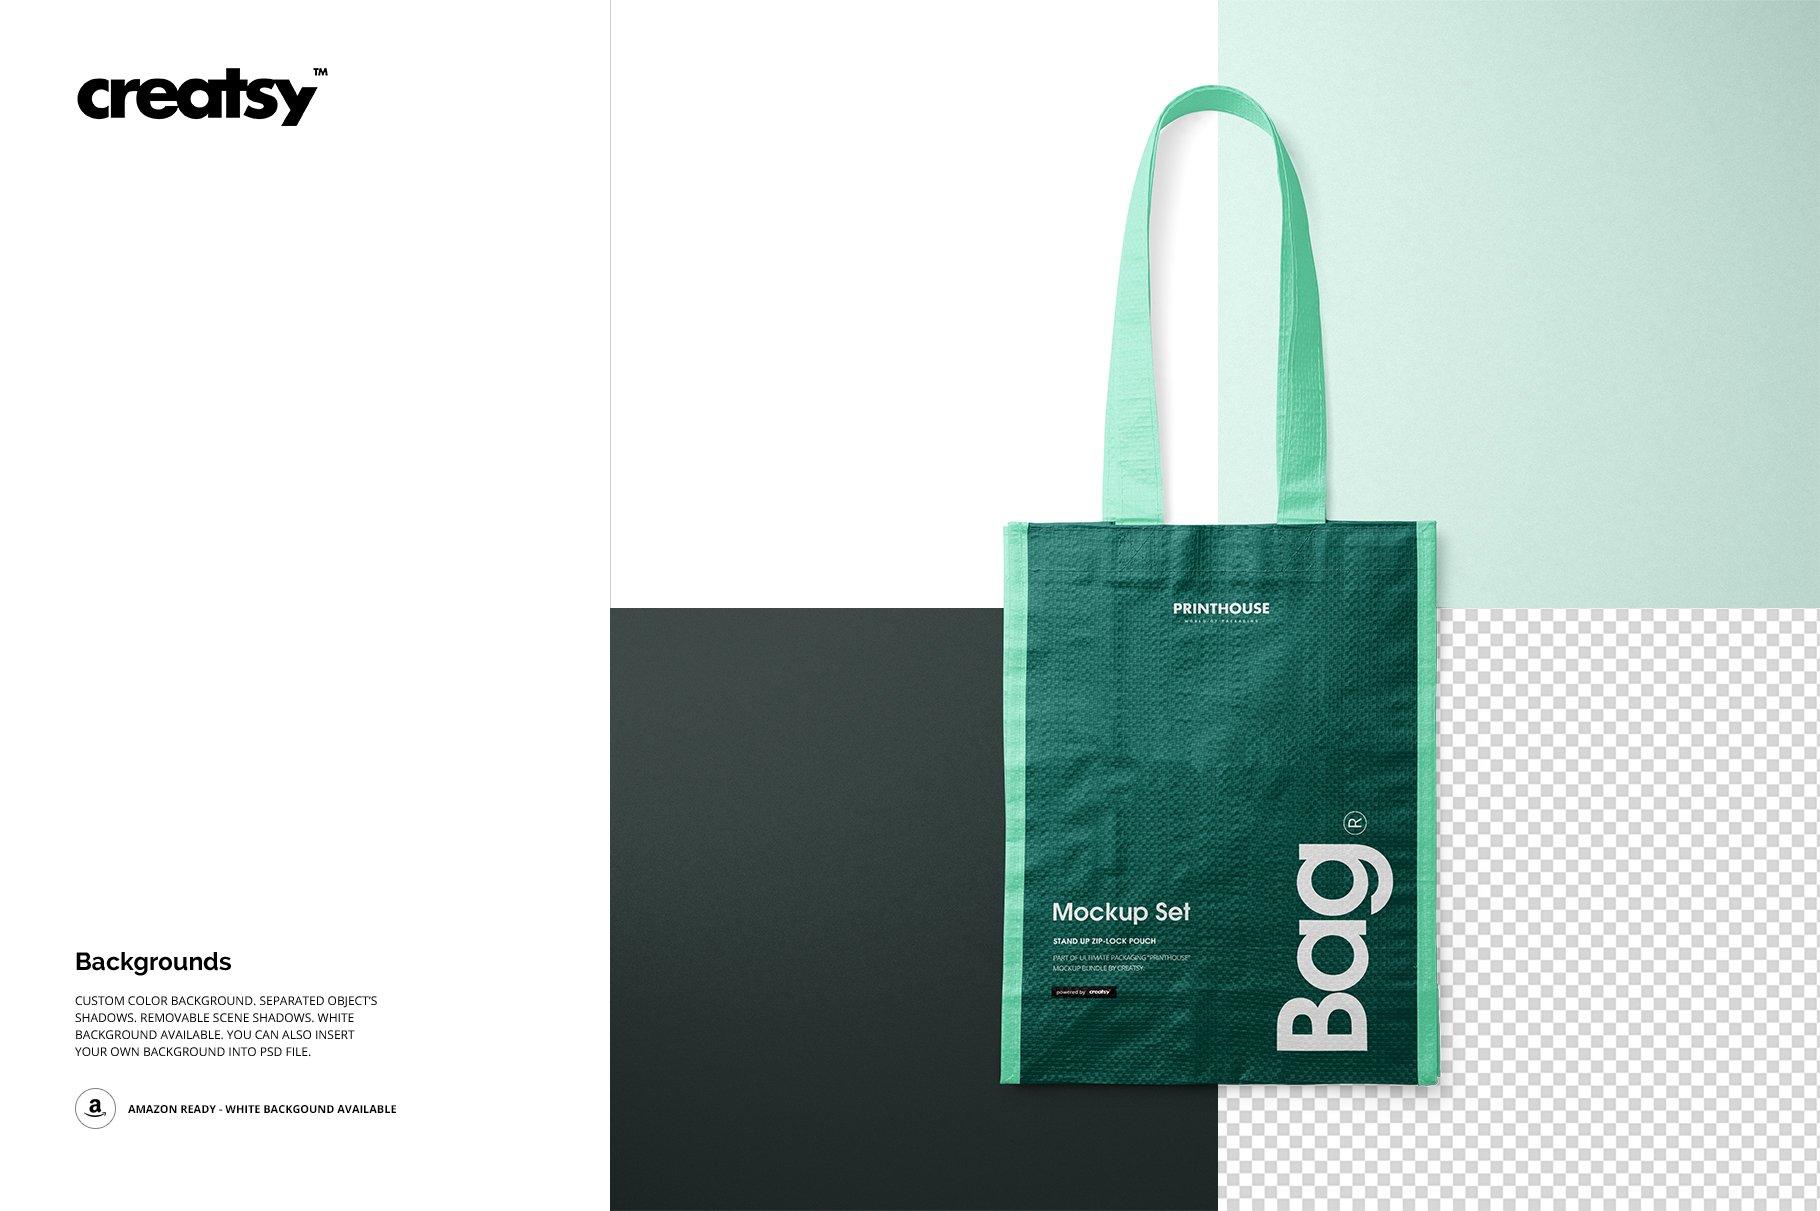 时尚编织手提购物袋设计展示贴图样机模板合集 Woven Tote Bag Mockup Set插图(8)